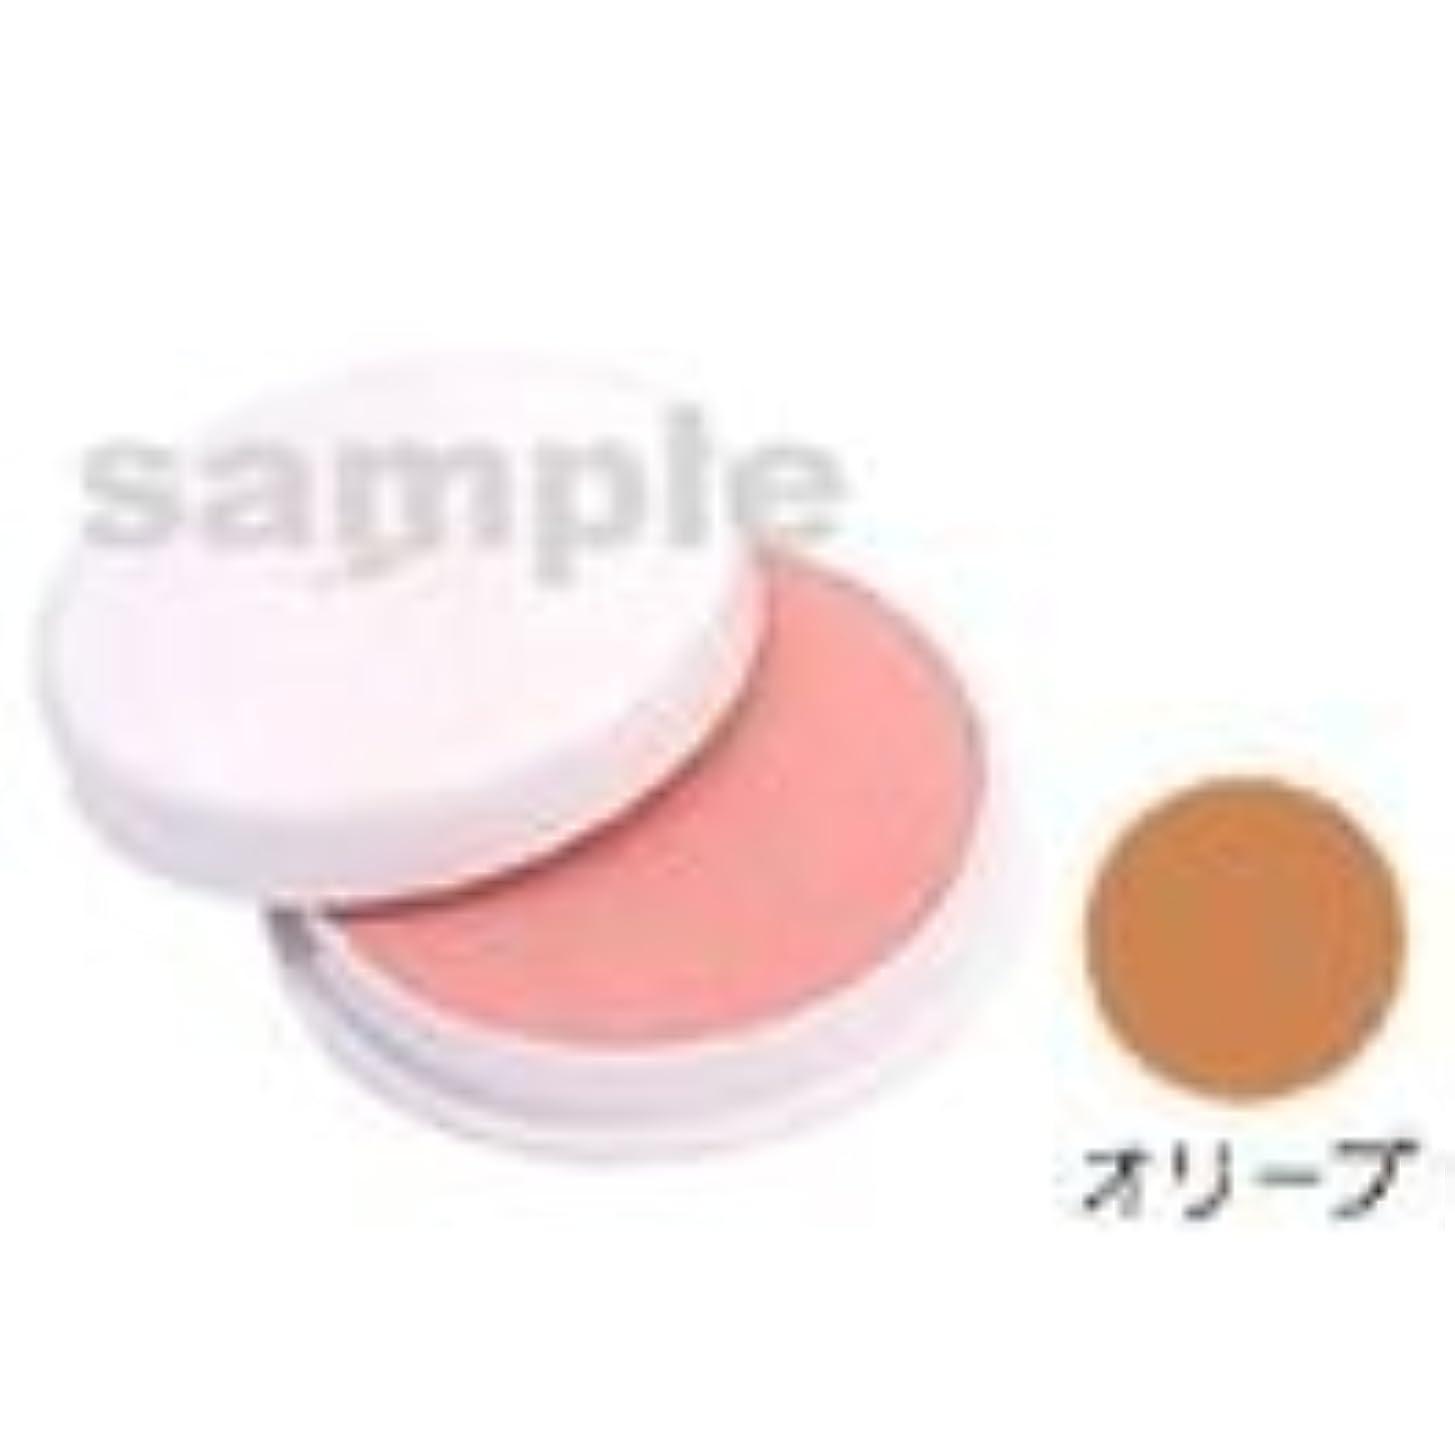 パッチトランペット稚魚三善 フェースケーキ オリーブ